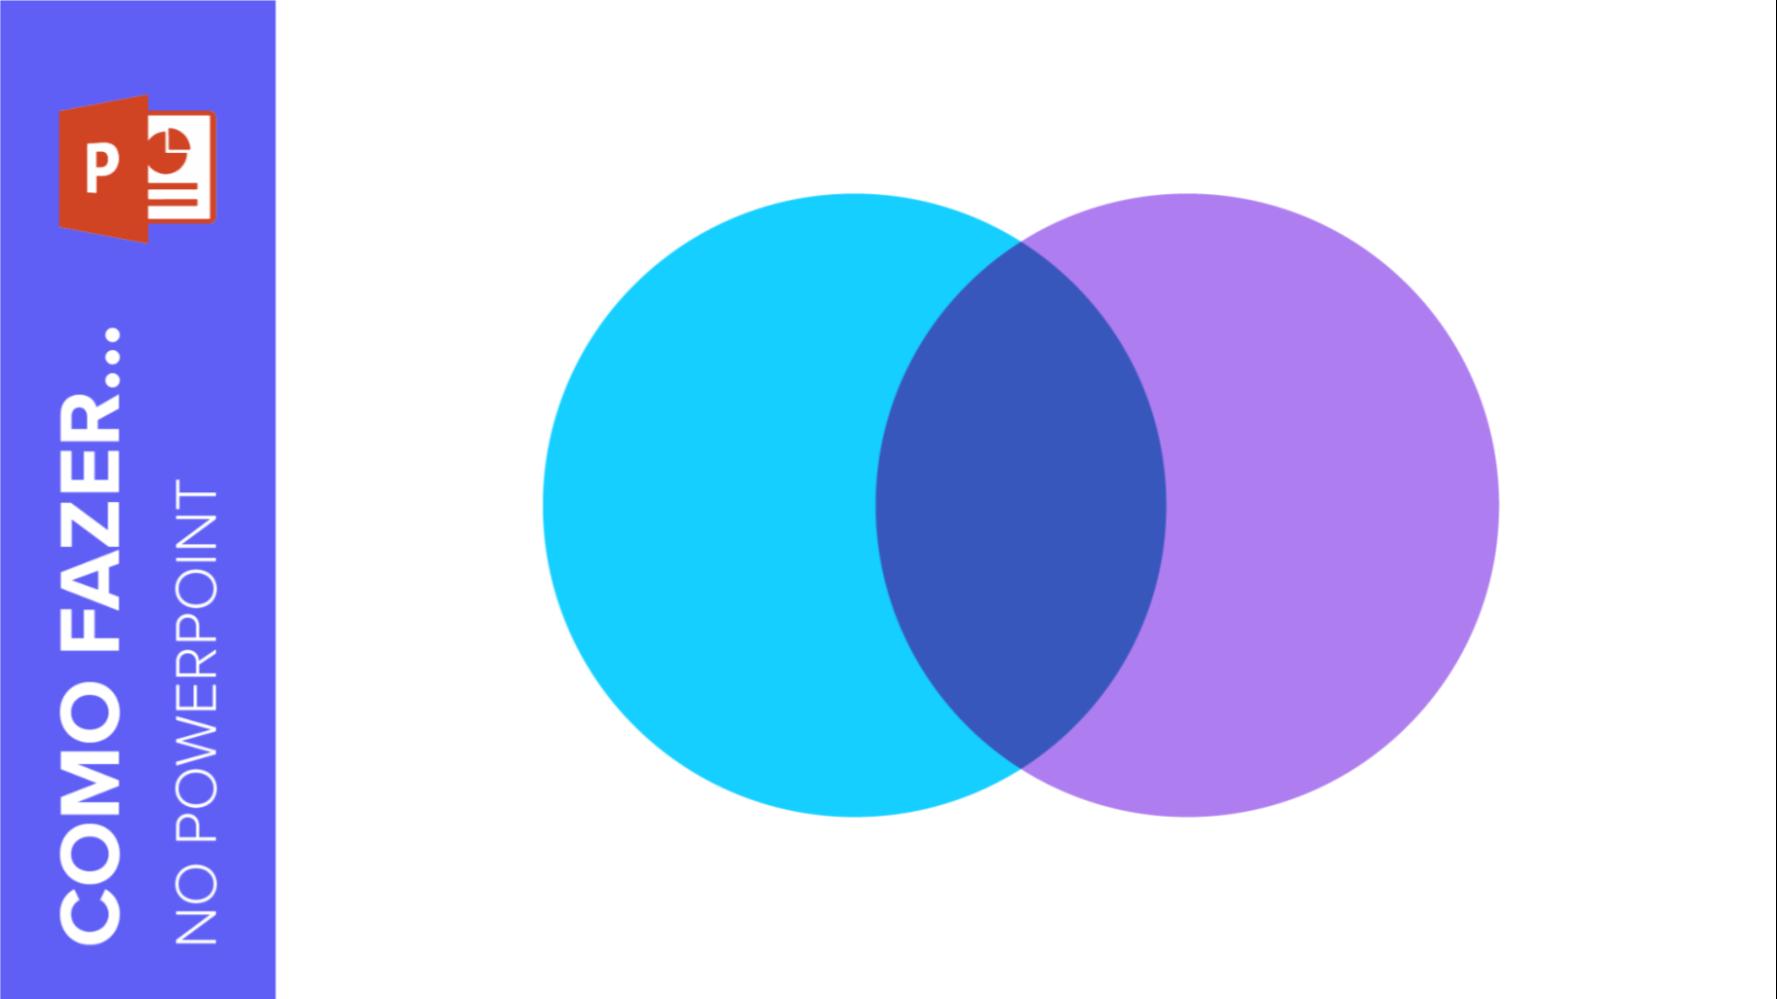 Como criar um diagrama de Venn no PowerPoint | Tutoriais e Dicas de apresentação